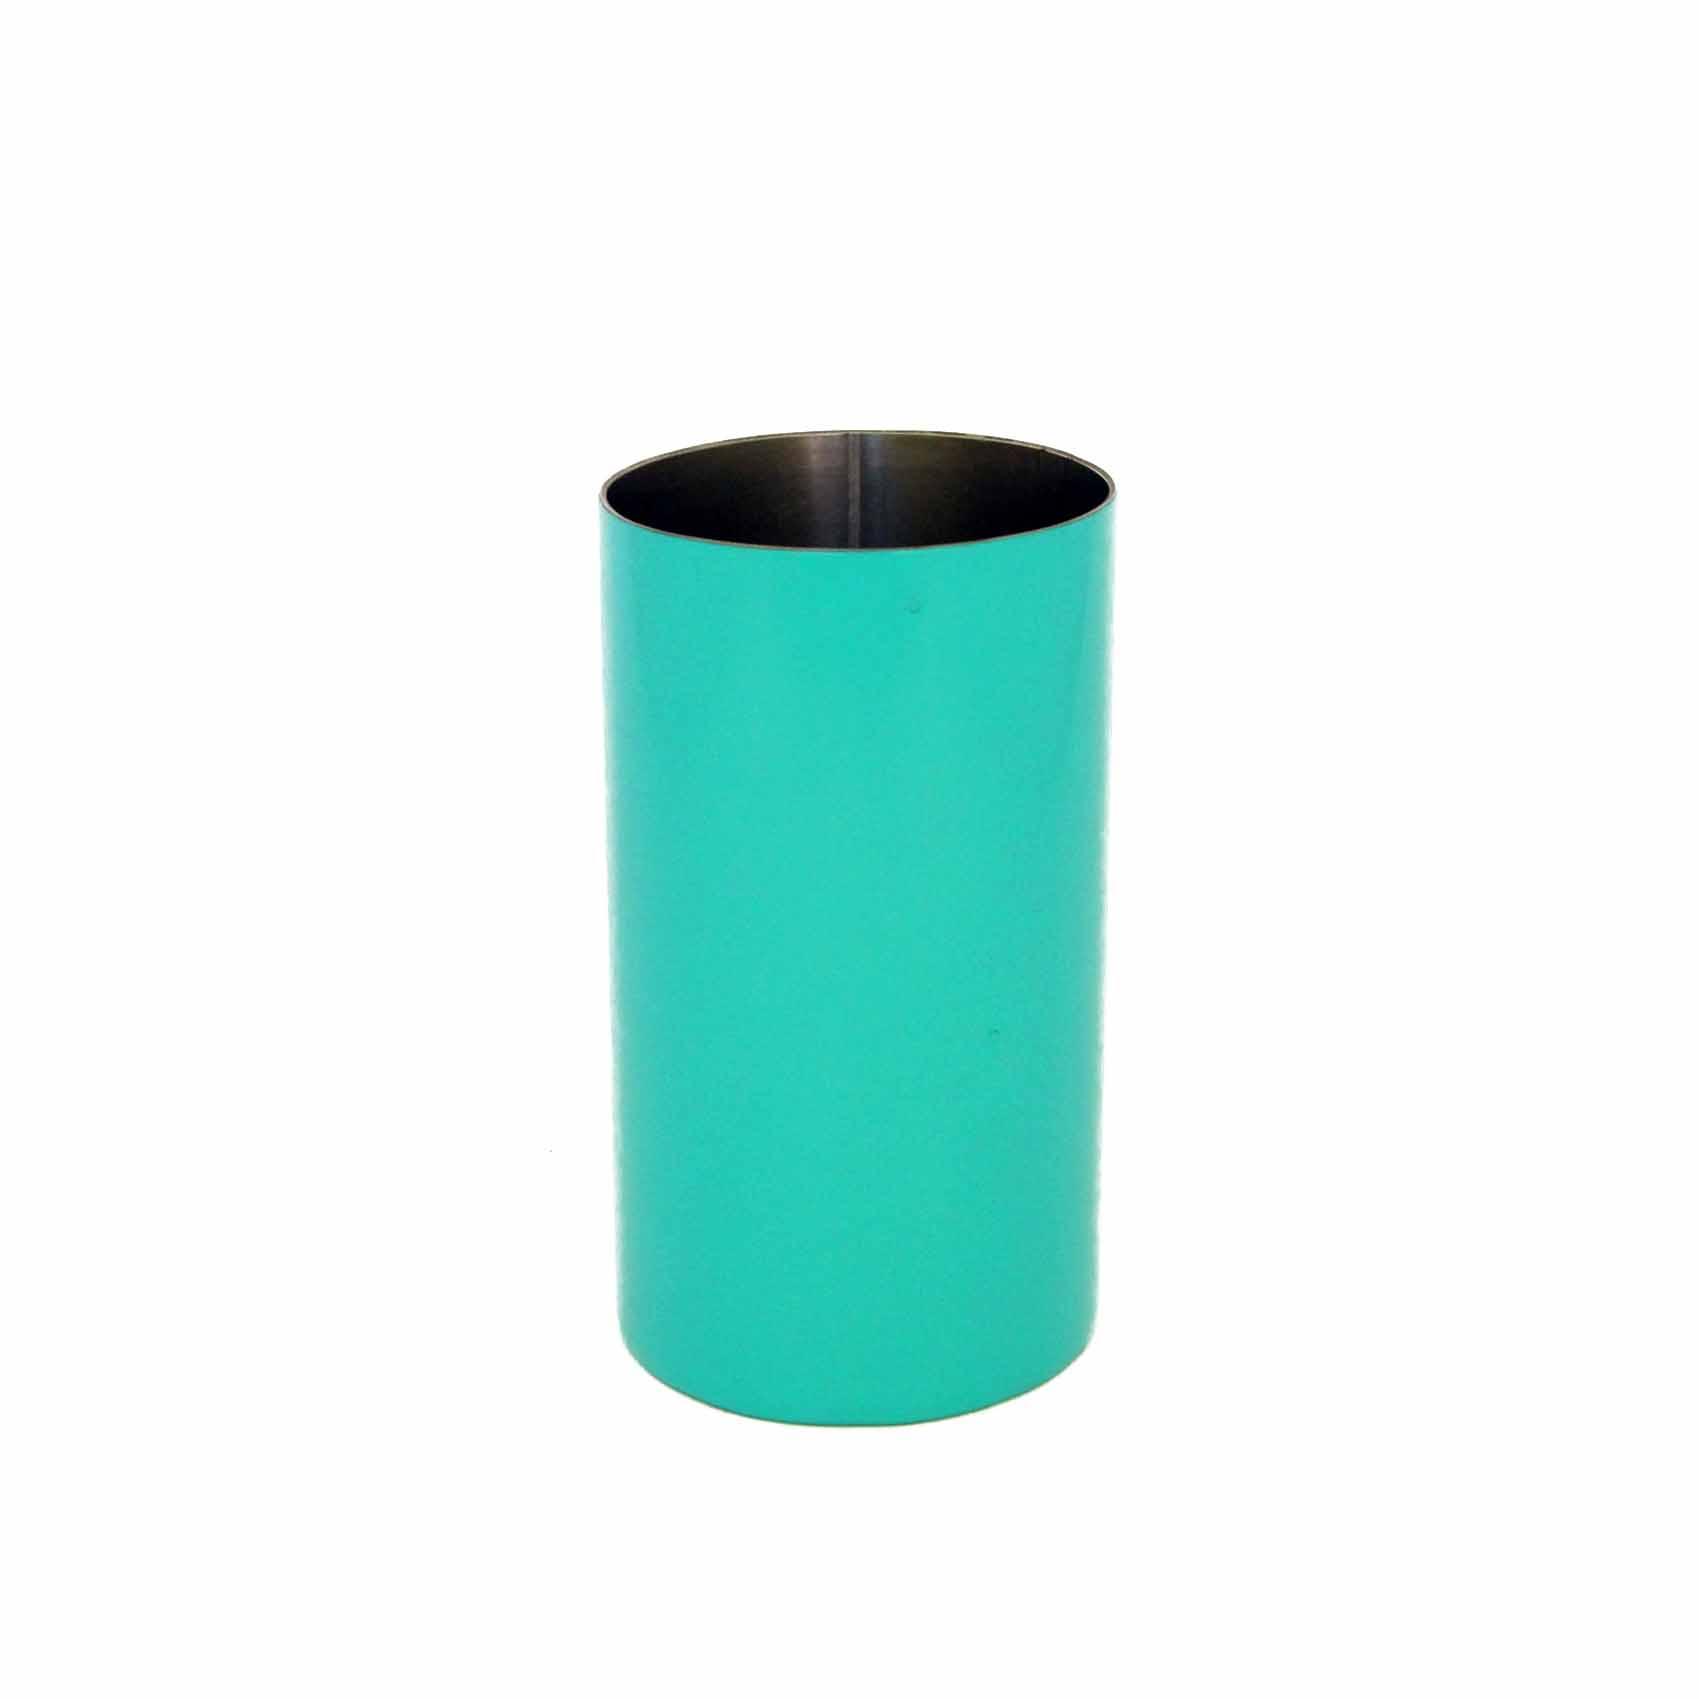 Copo Inox para Tereré Redondo - Azul Tifane